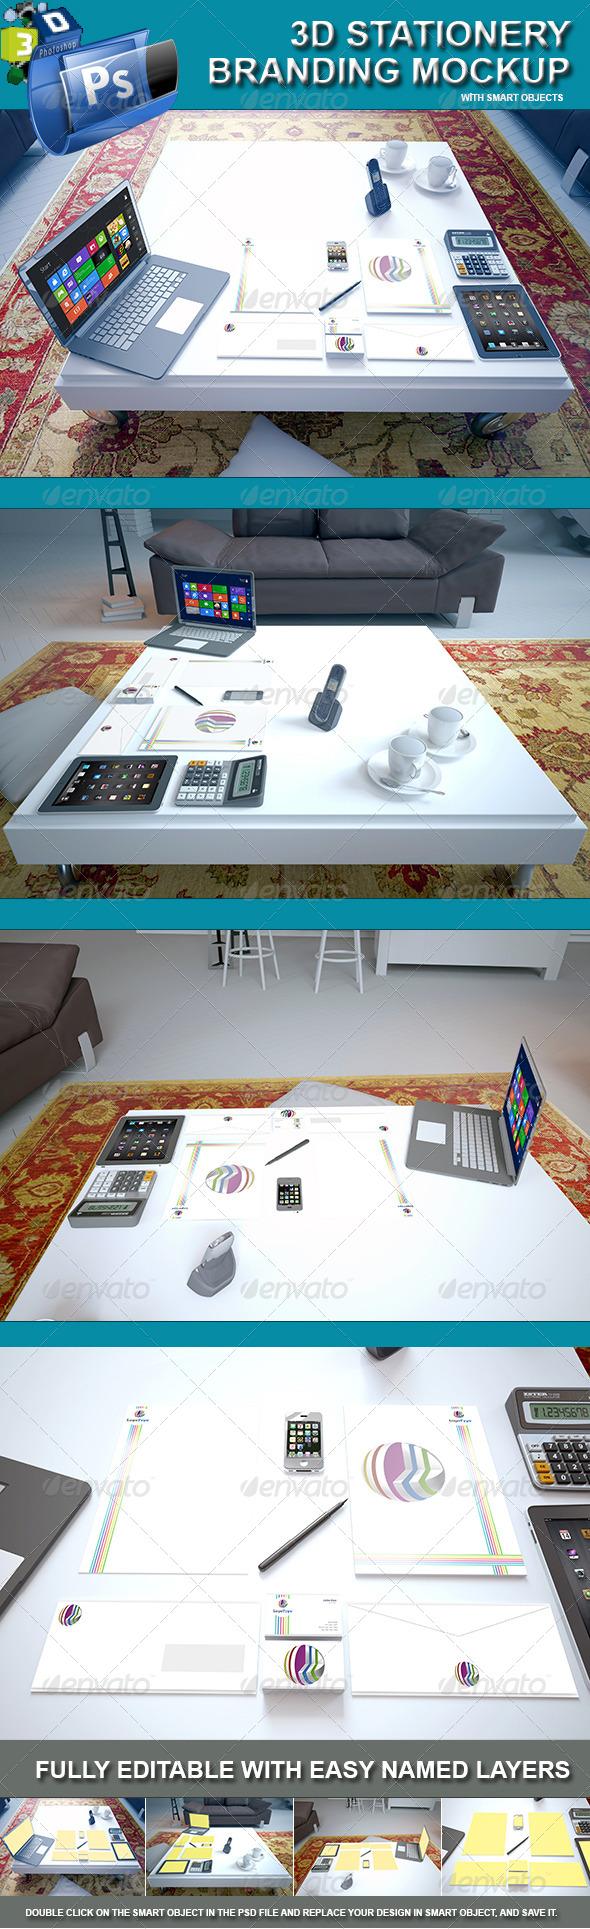 3d Stationery Branding Mockup - Living Room Scene